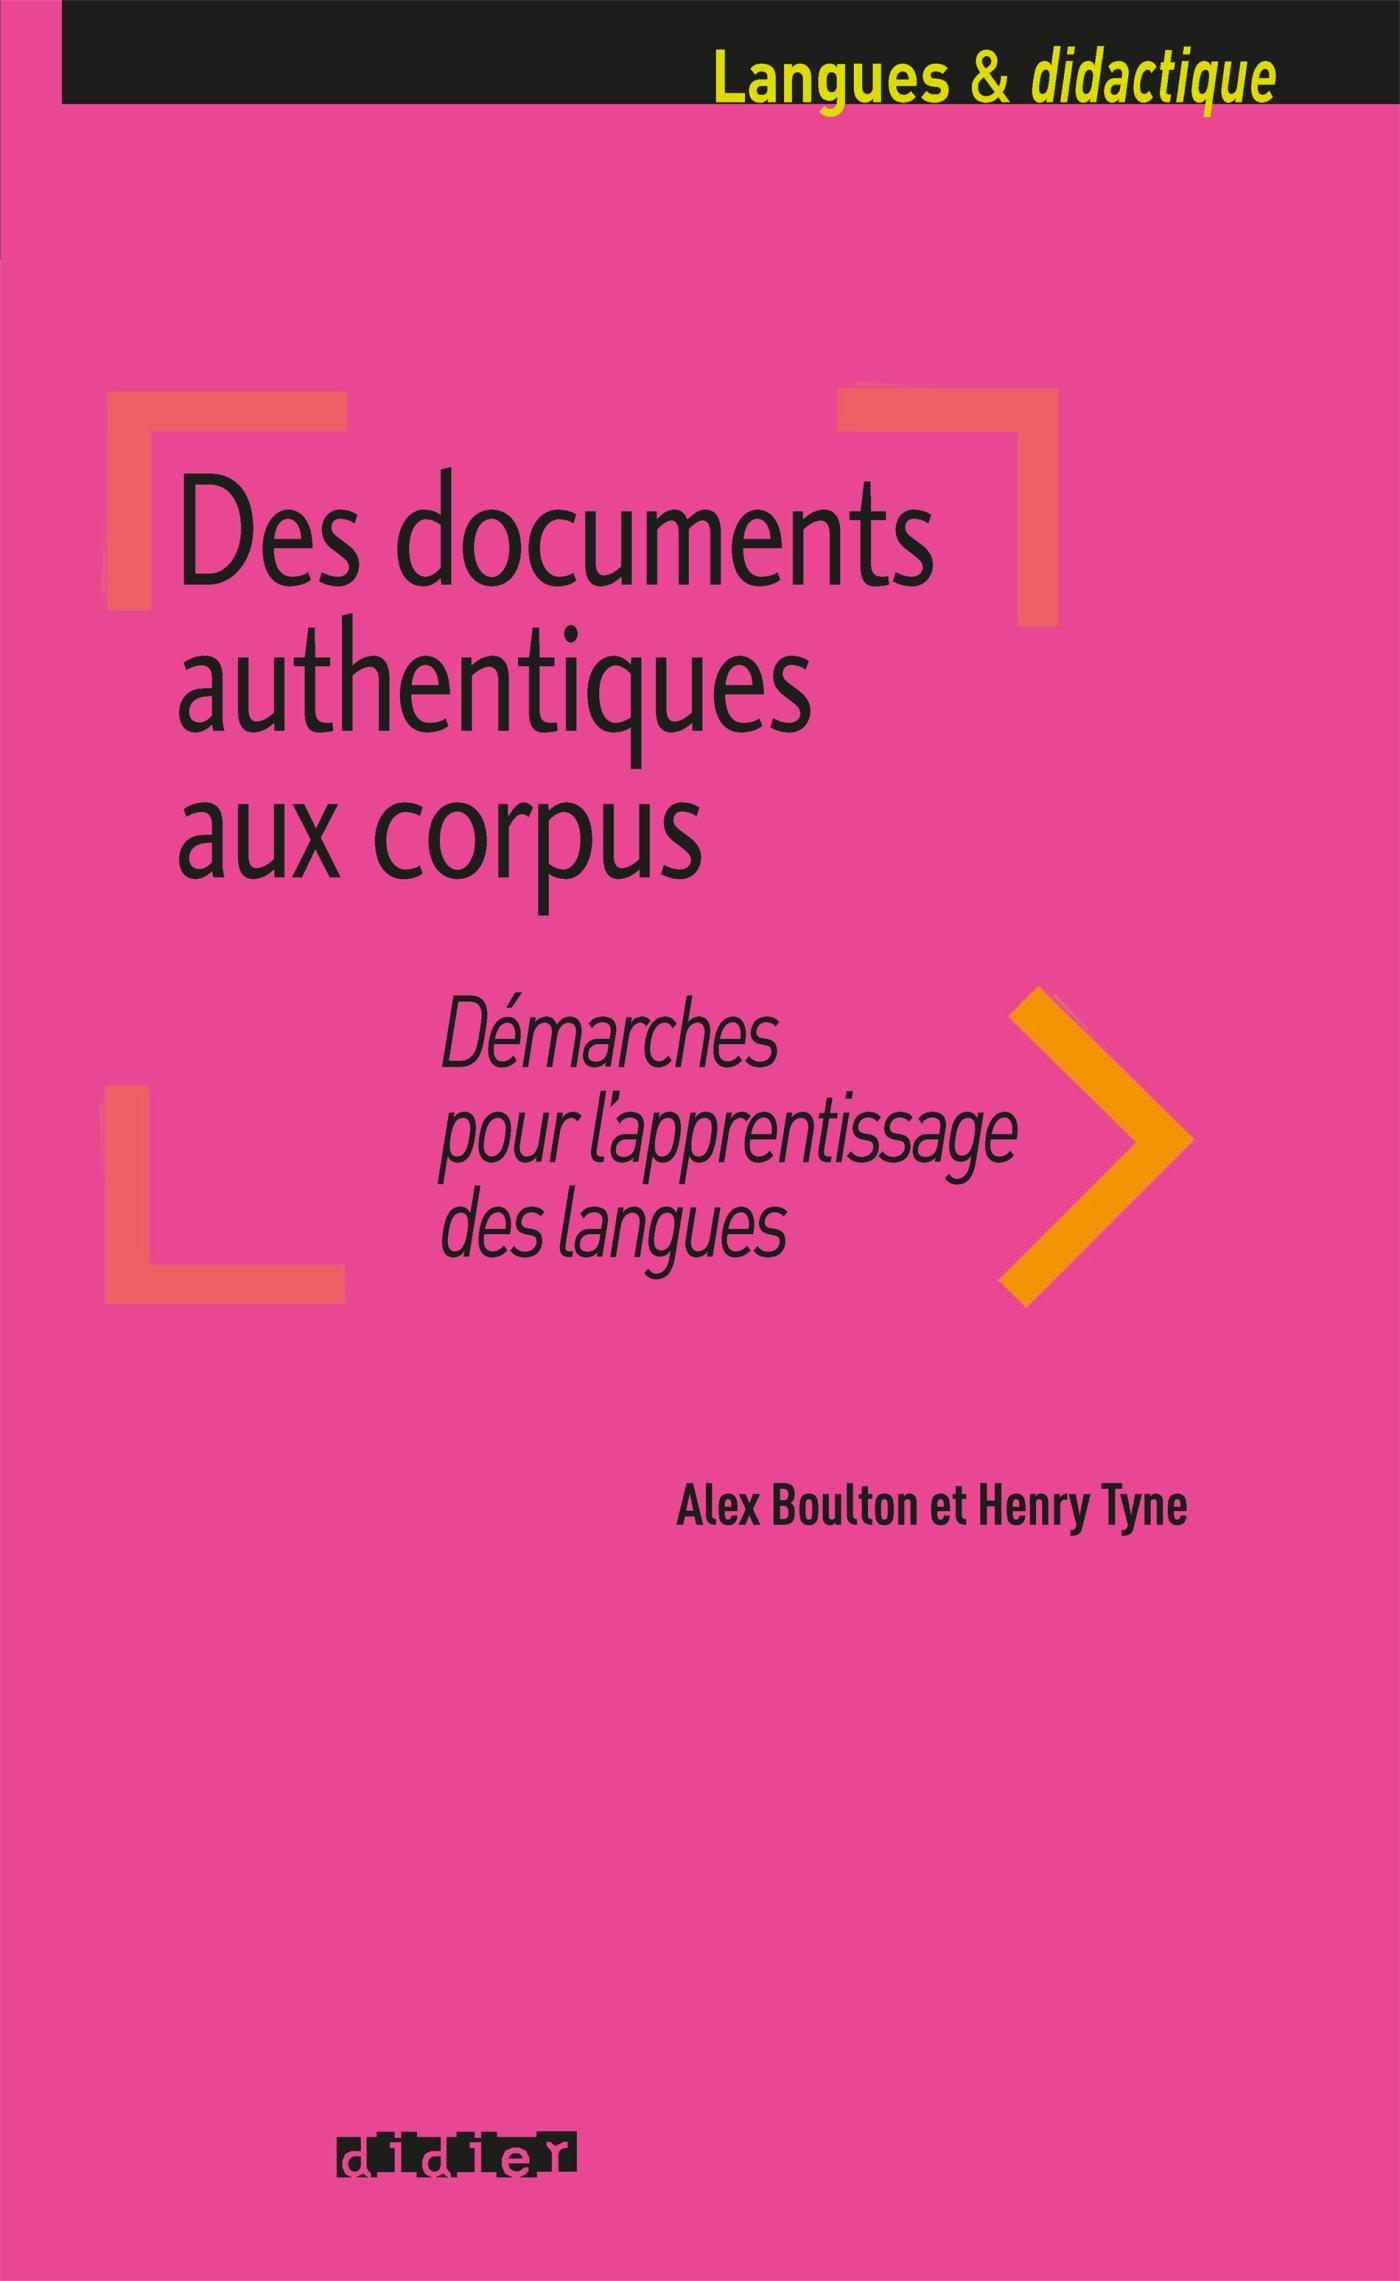 DES DOCUMENTS AUTHENTIQUES AUX CORPUS - LIVRE